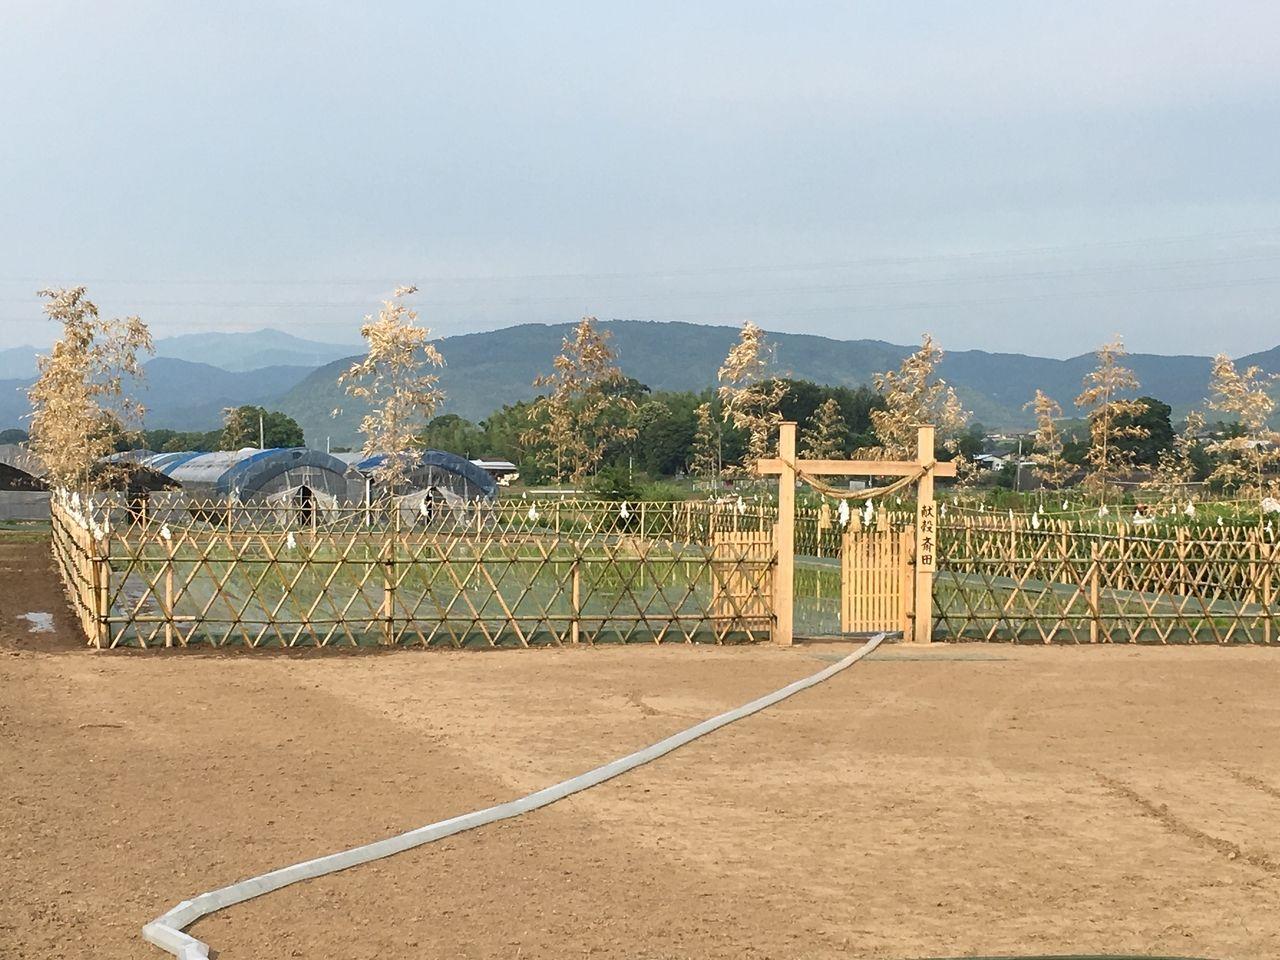 竹垣で区切られ回りの田畑とは一線きす献穀斎田